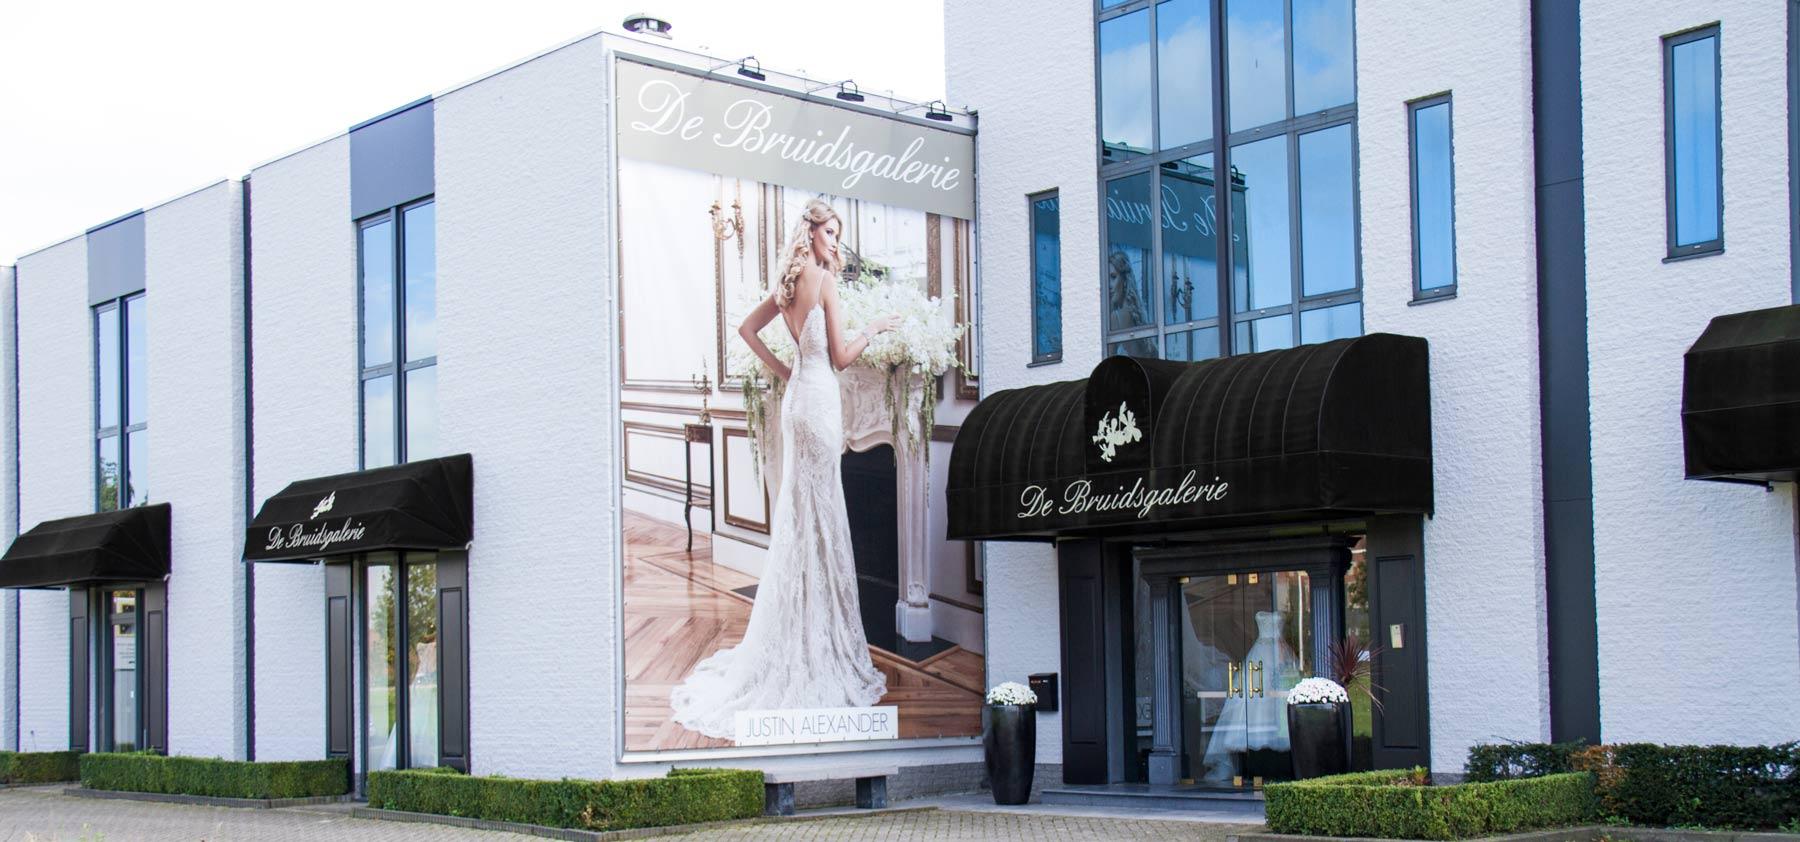 de-bruidsgalerie-4215